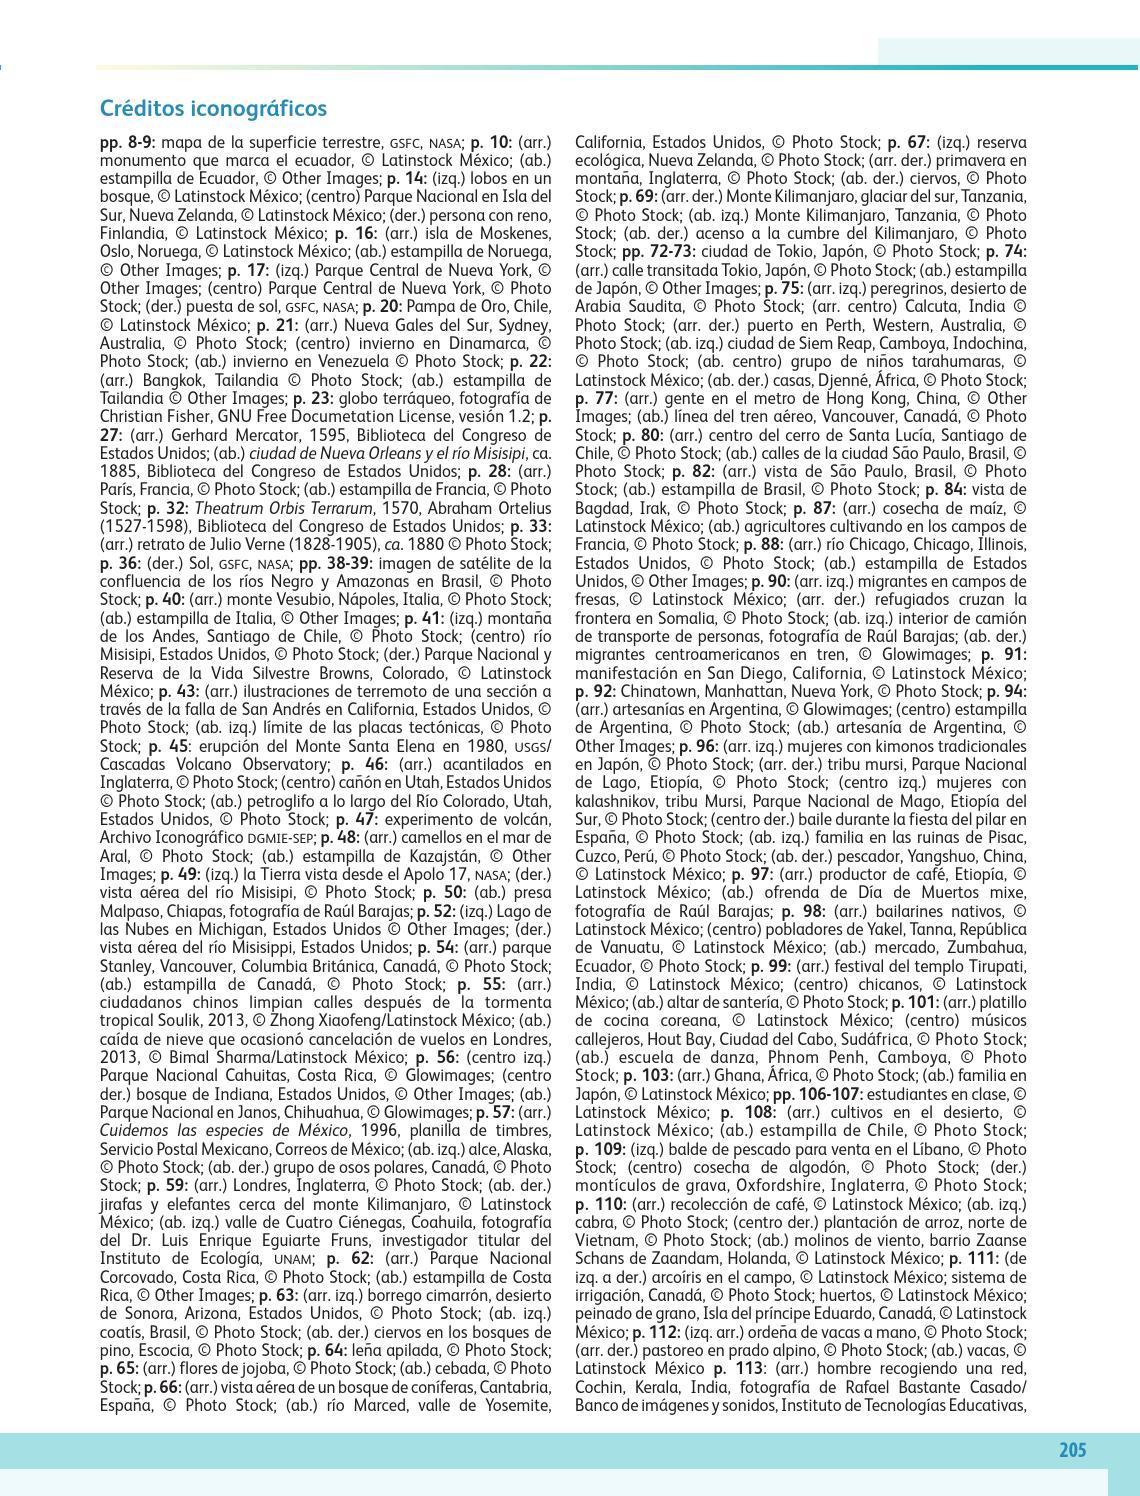 Créditos iconográficos - Geografía Bloque 5to 2014-2015